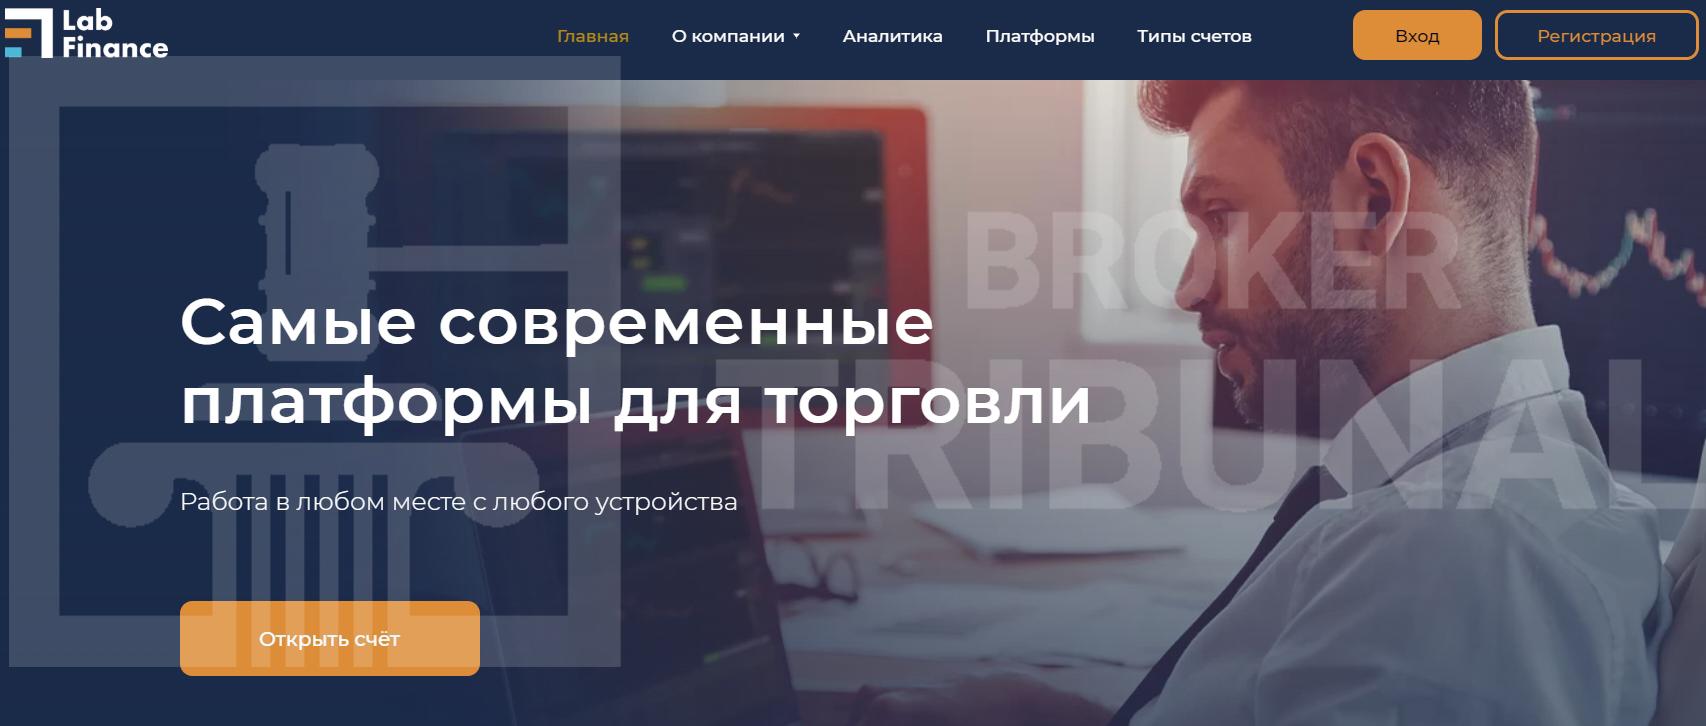 Lab Finance